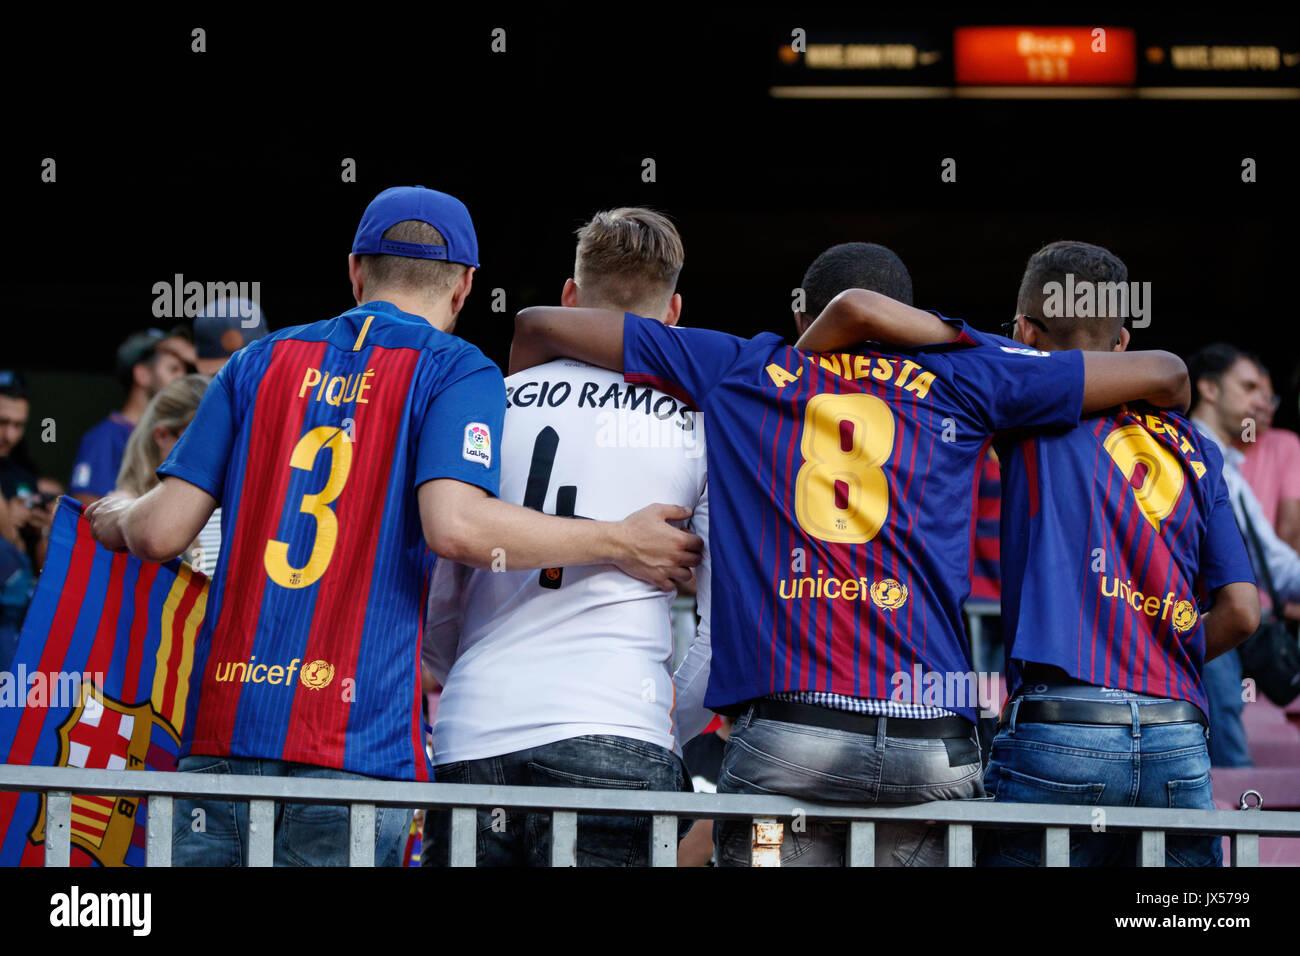 O Estádio Camp Nou, Barcelona, Espanha. 13 de Agosto, 2017. Super Copa da Espanha entre FC Barcelona e Real Madrid. Os fãs apenas antes do jogo. Crédito: David Ramírez/Alamy Notícias ao vivo Imagens de Stock